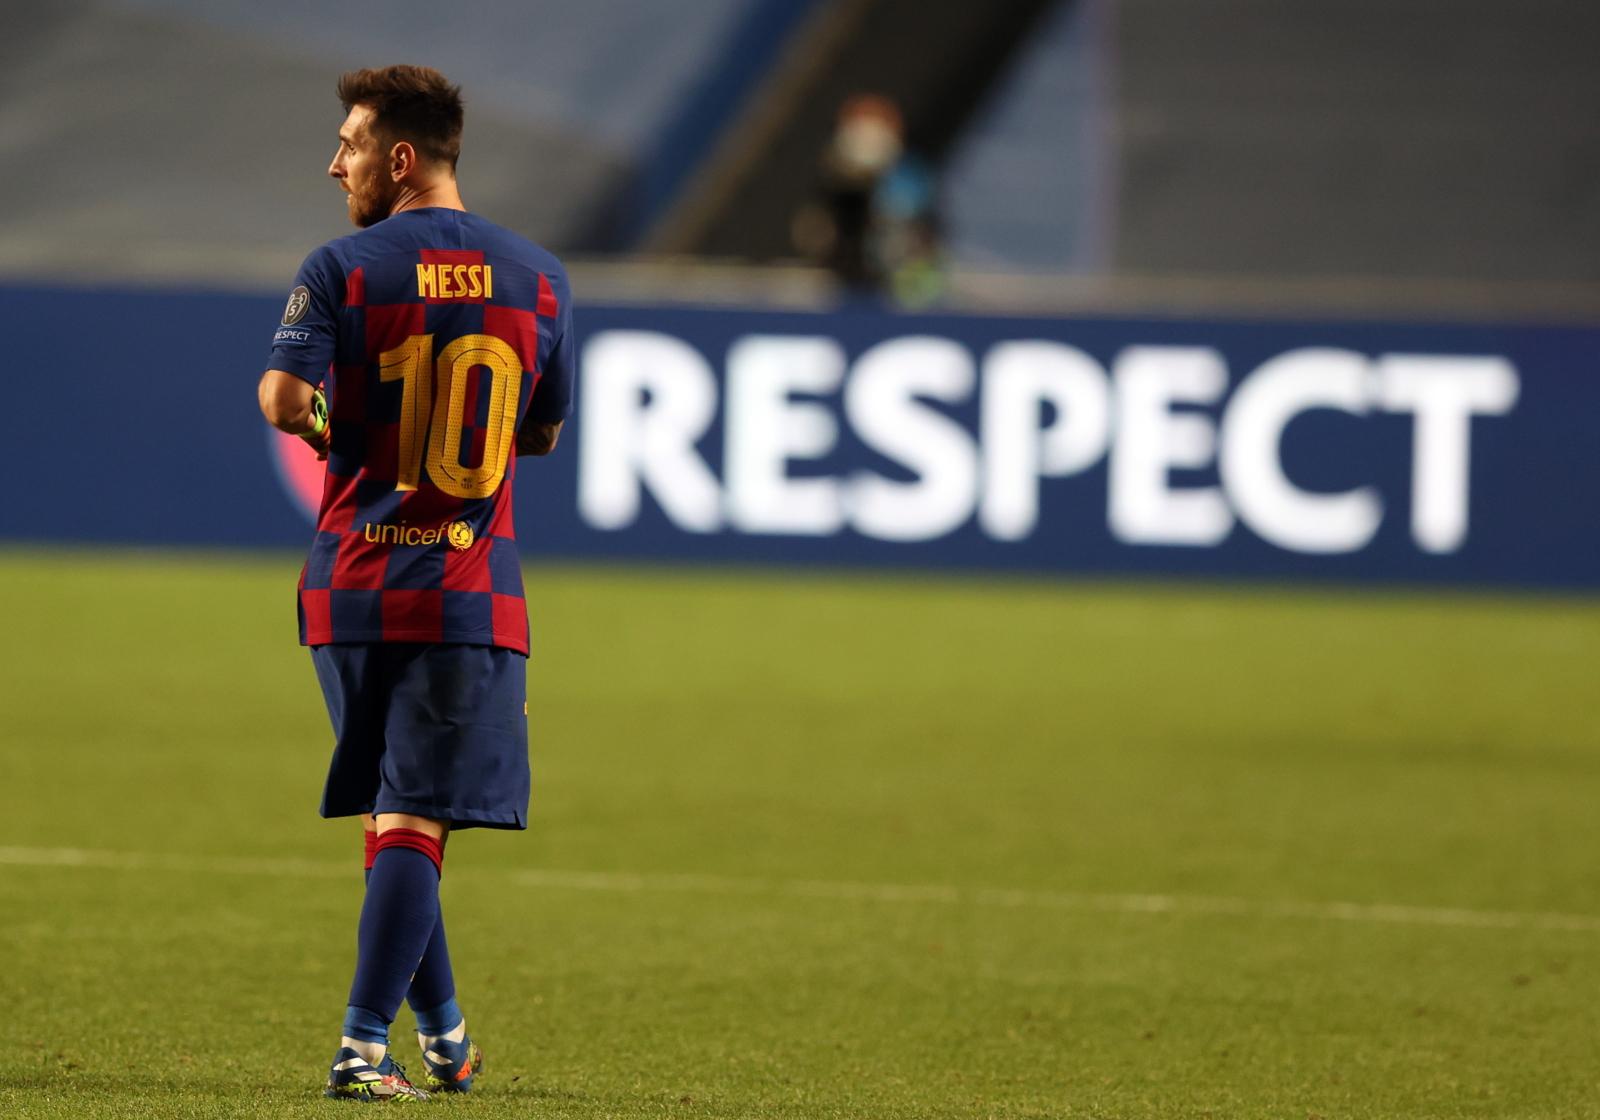 Liga Mistrzów. FC Barcelona - Bayern Monachium. Leo Messi ma dość. Rozważa odejście z klubu! - Sport WP SportoweFakty